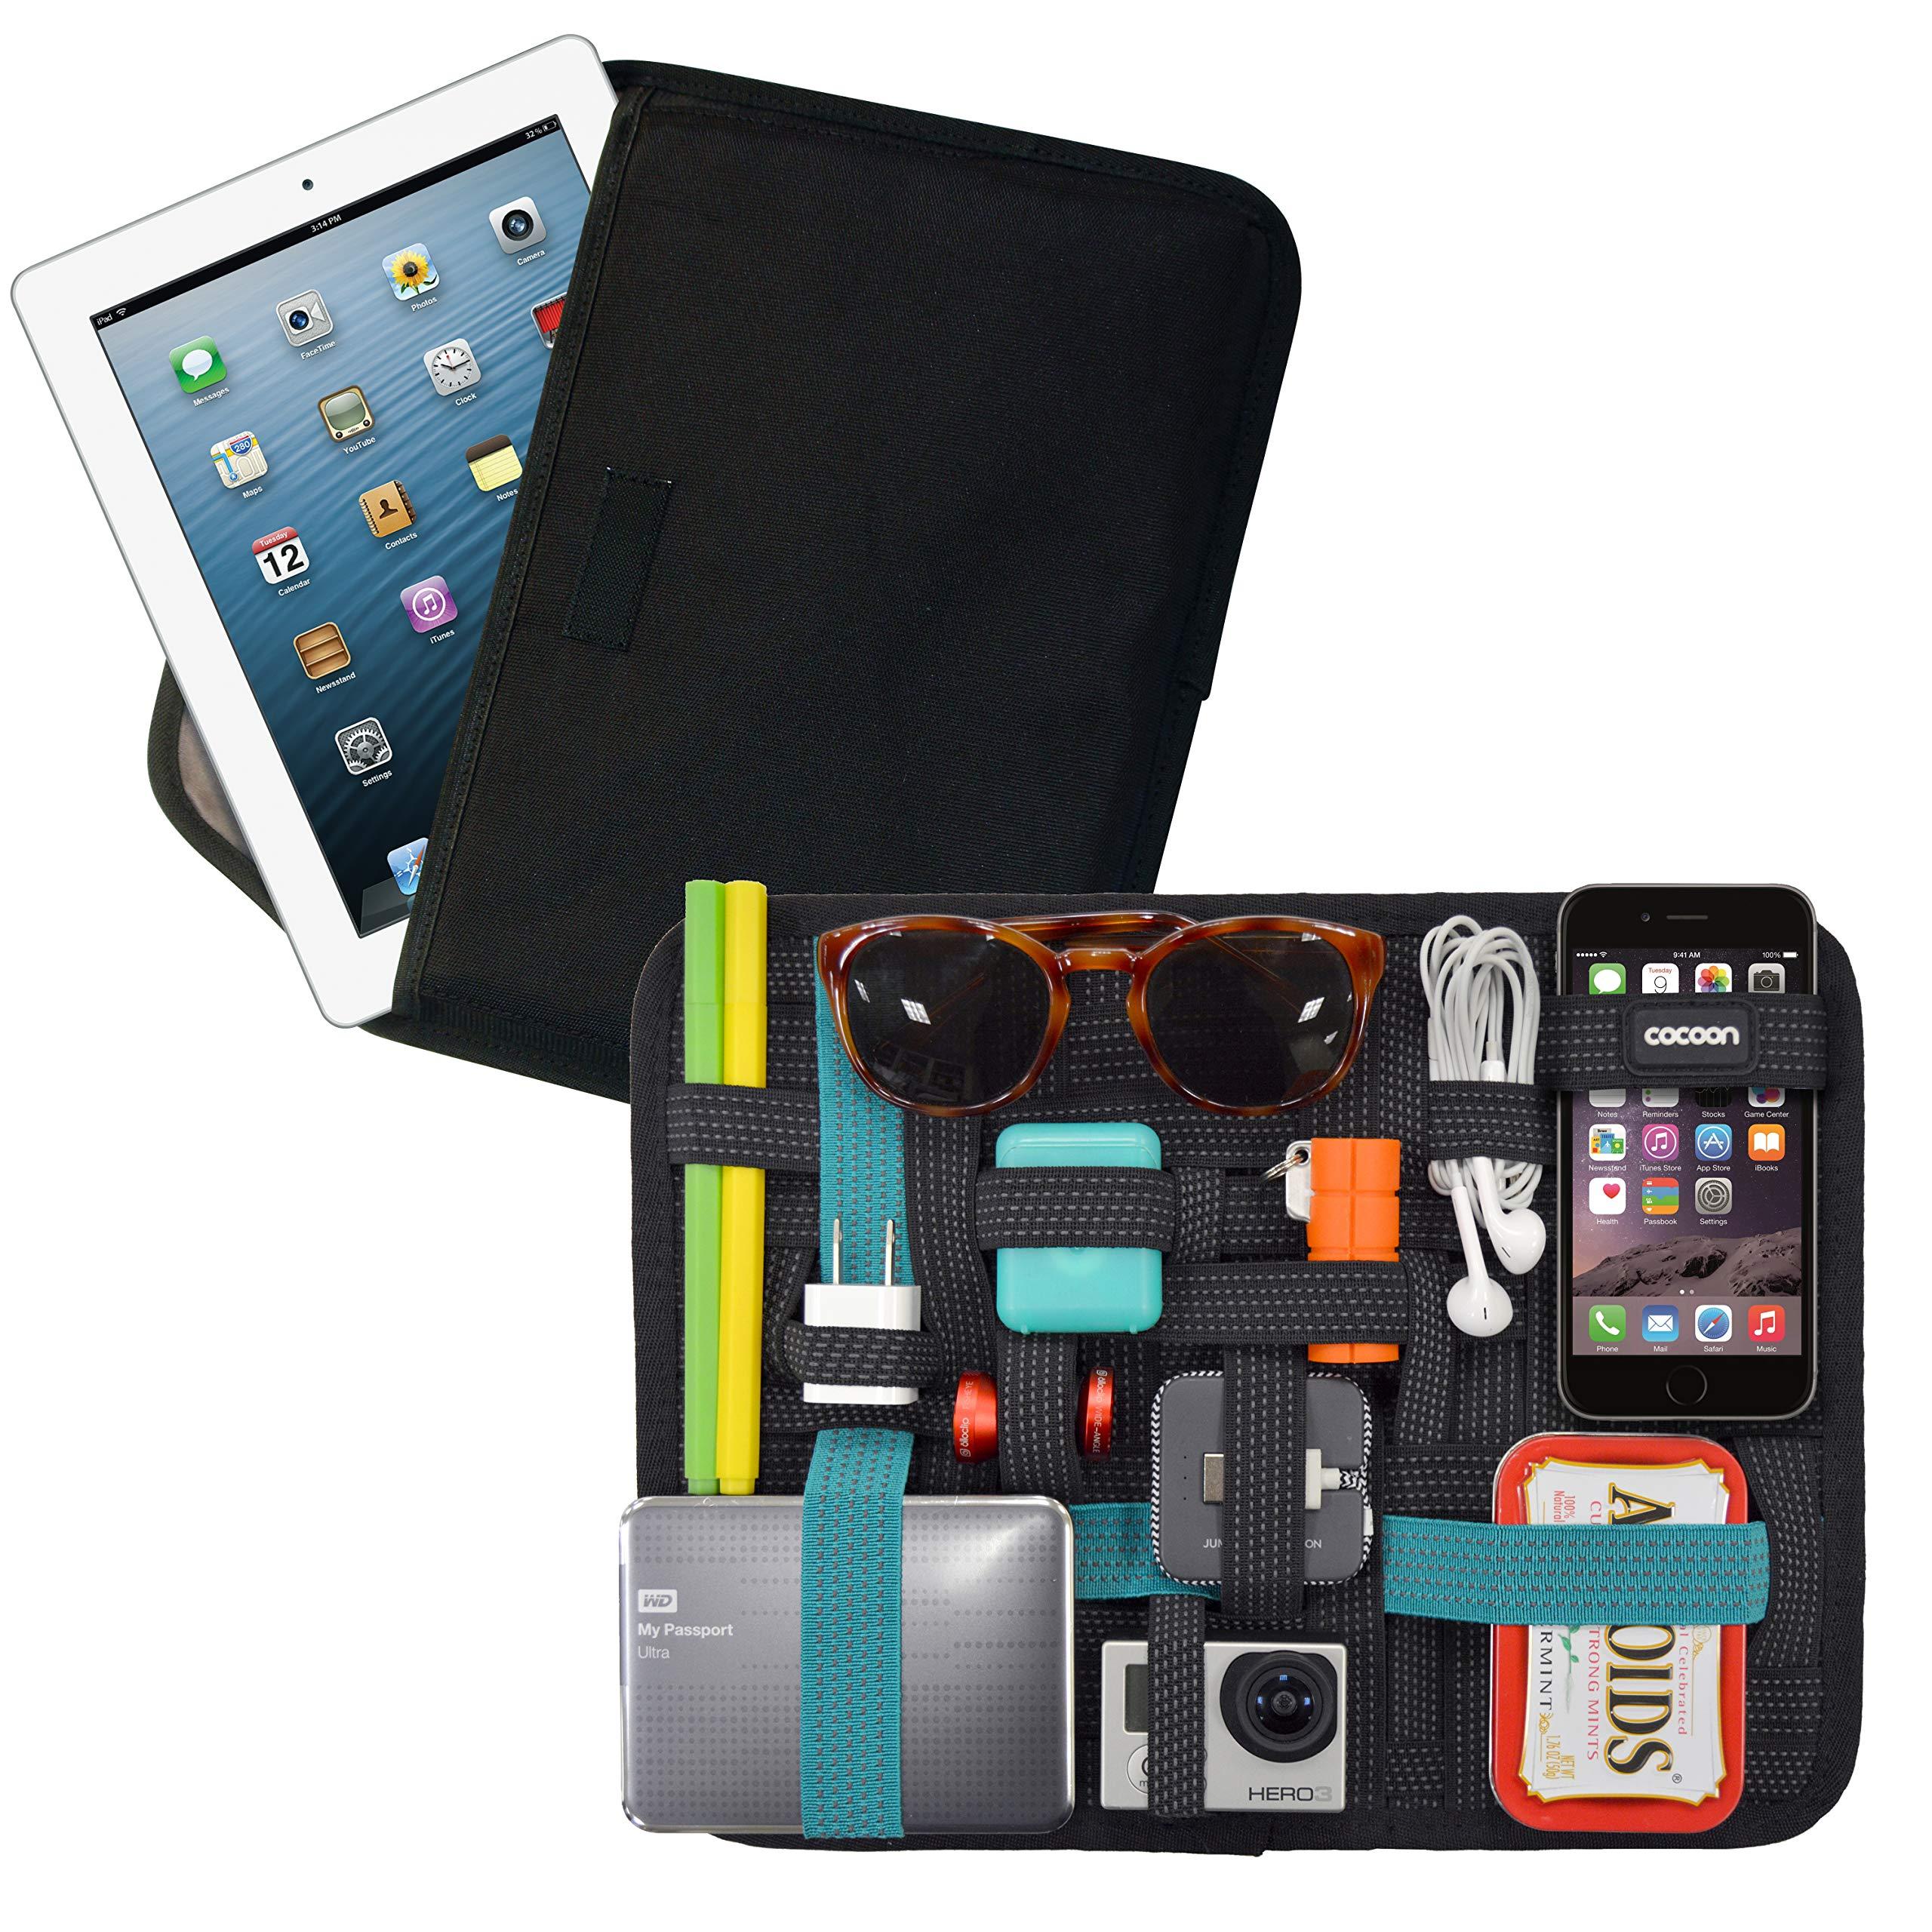 COCOON GRID-IT iPad及9-11英寸平板 超级本 内胆包 数码便携整理收纳板包 环保织物弹道尼龙 黑色